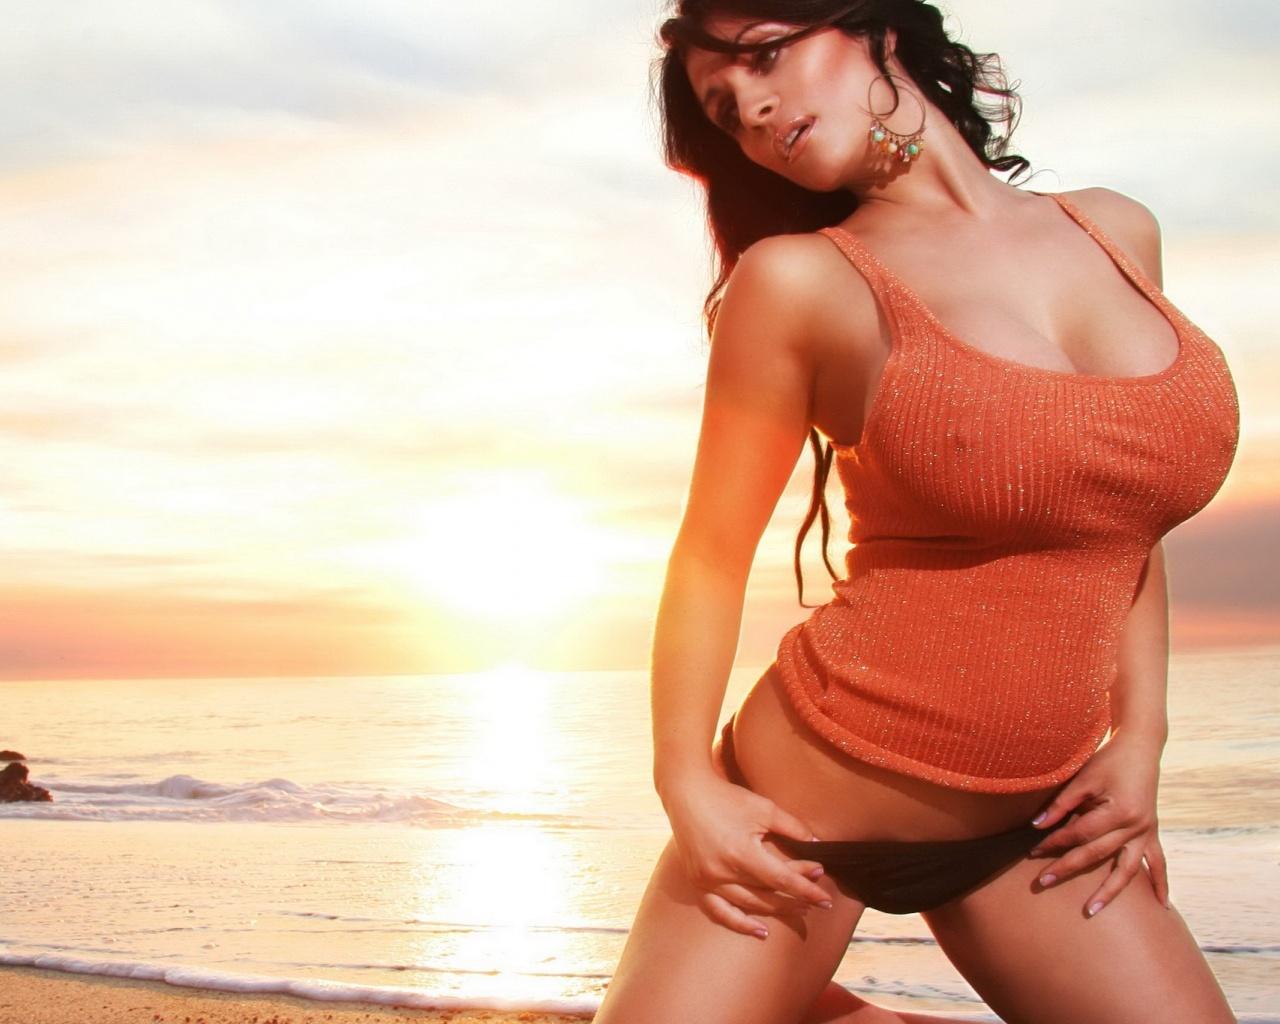 Супер кросотки на пляже 17 фотография